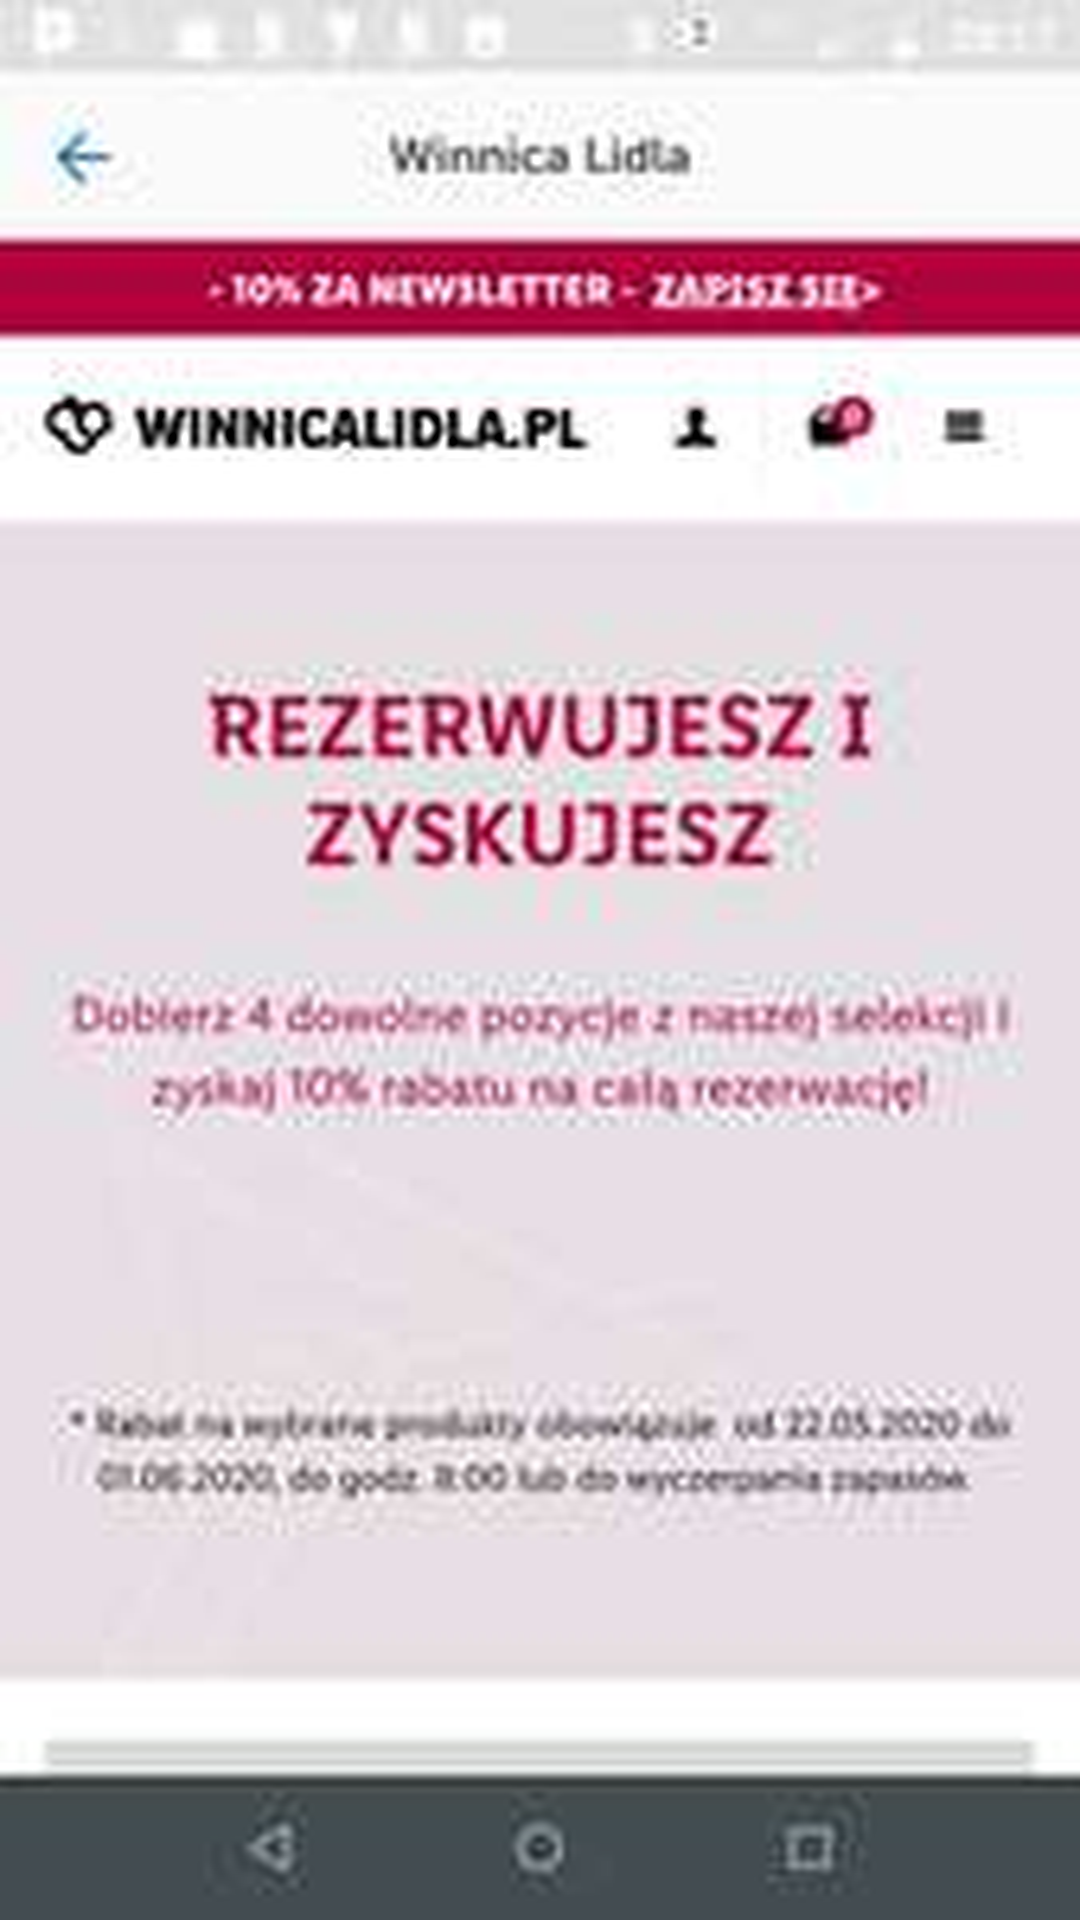 Kup 4 pozycje i zyskaj 10% w Winnicy Lidla